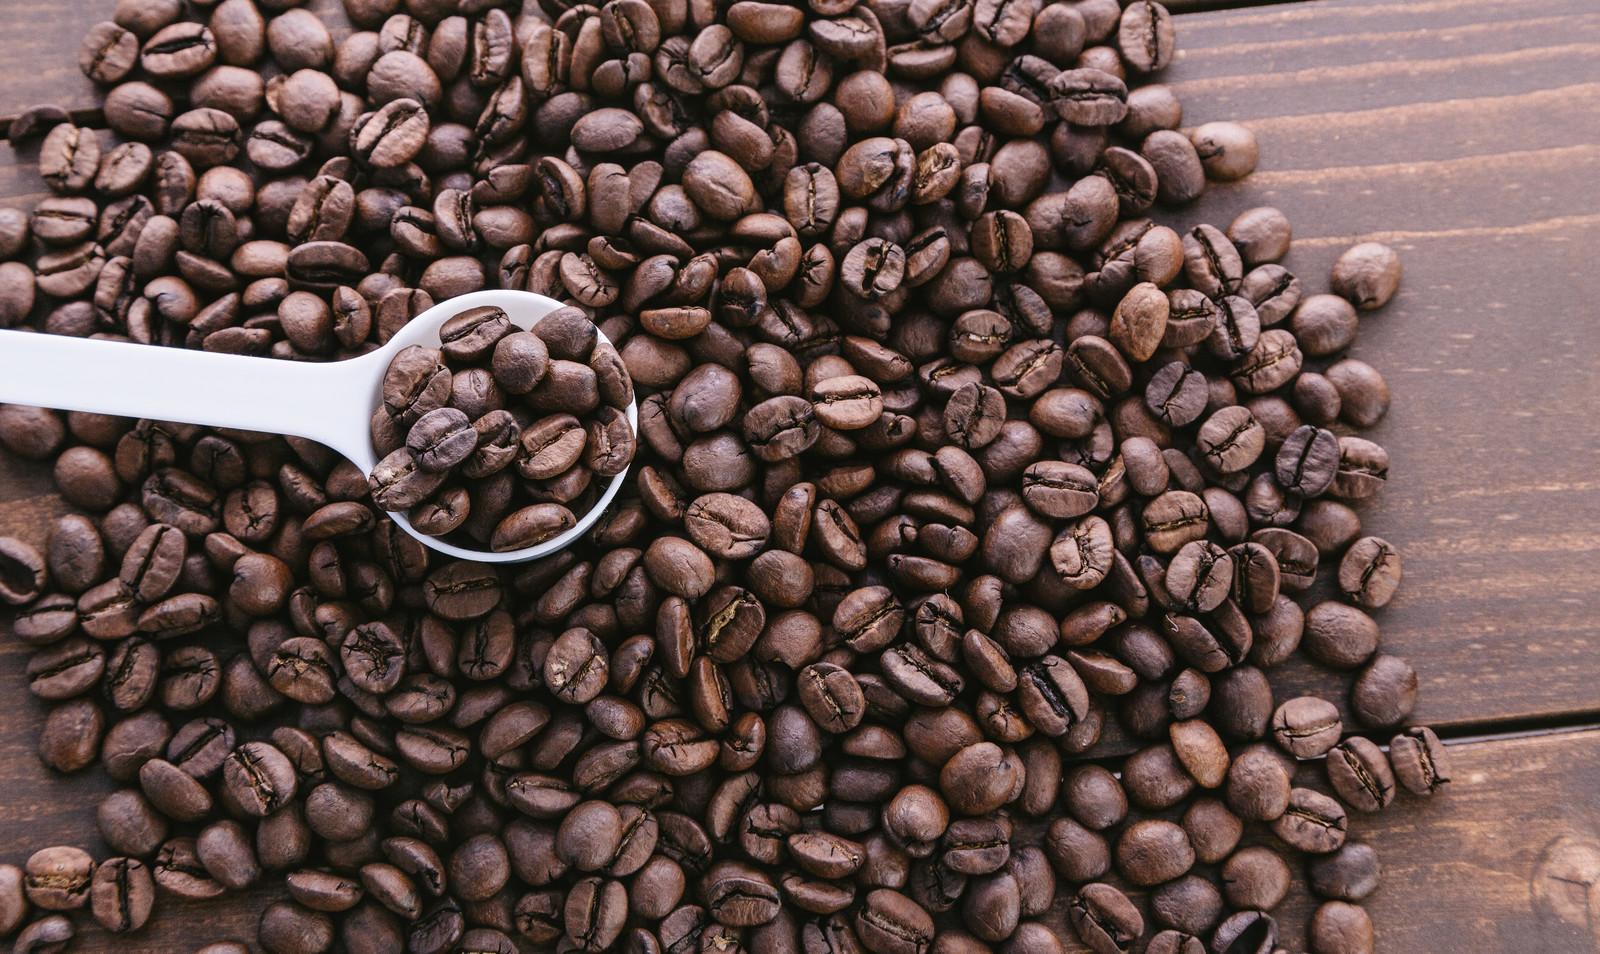 コーヒー好きなあなたへ!豆から焙煎に挑戦してみませんか?